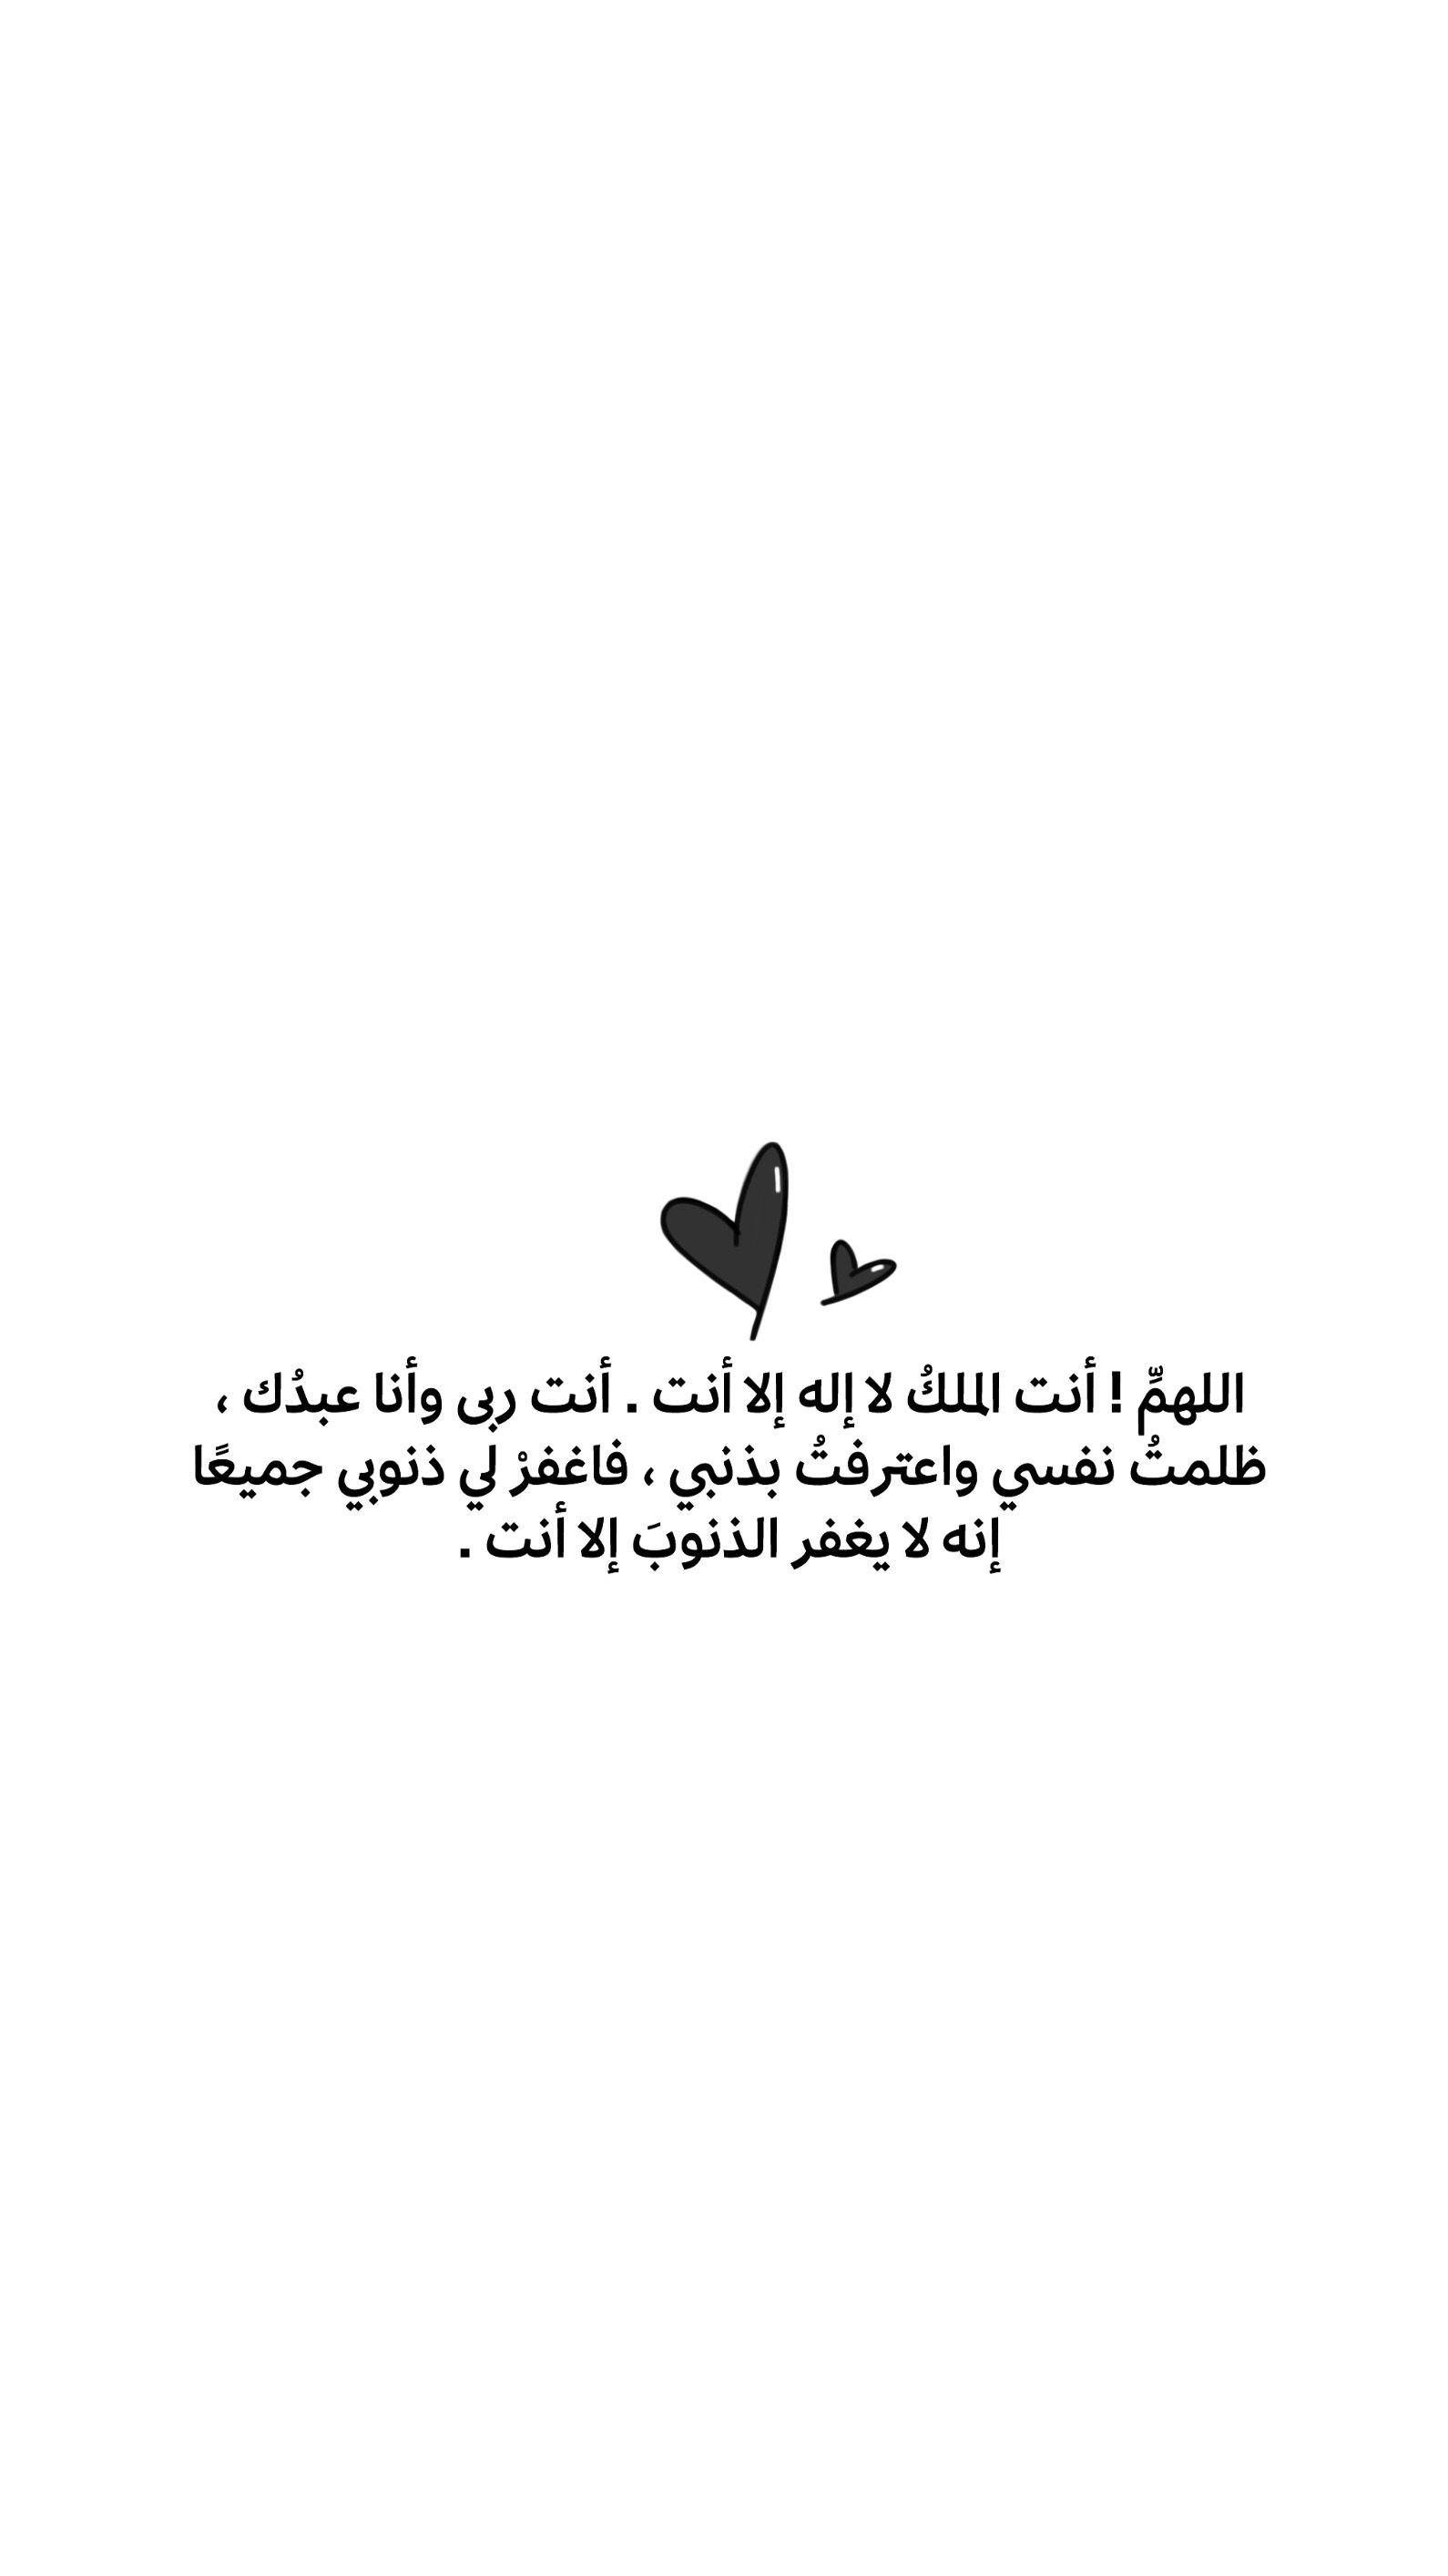 اللهم Wisdom Quotes Life Islamic Phrases Islamic Quotes